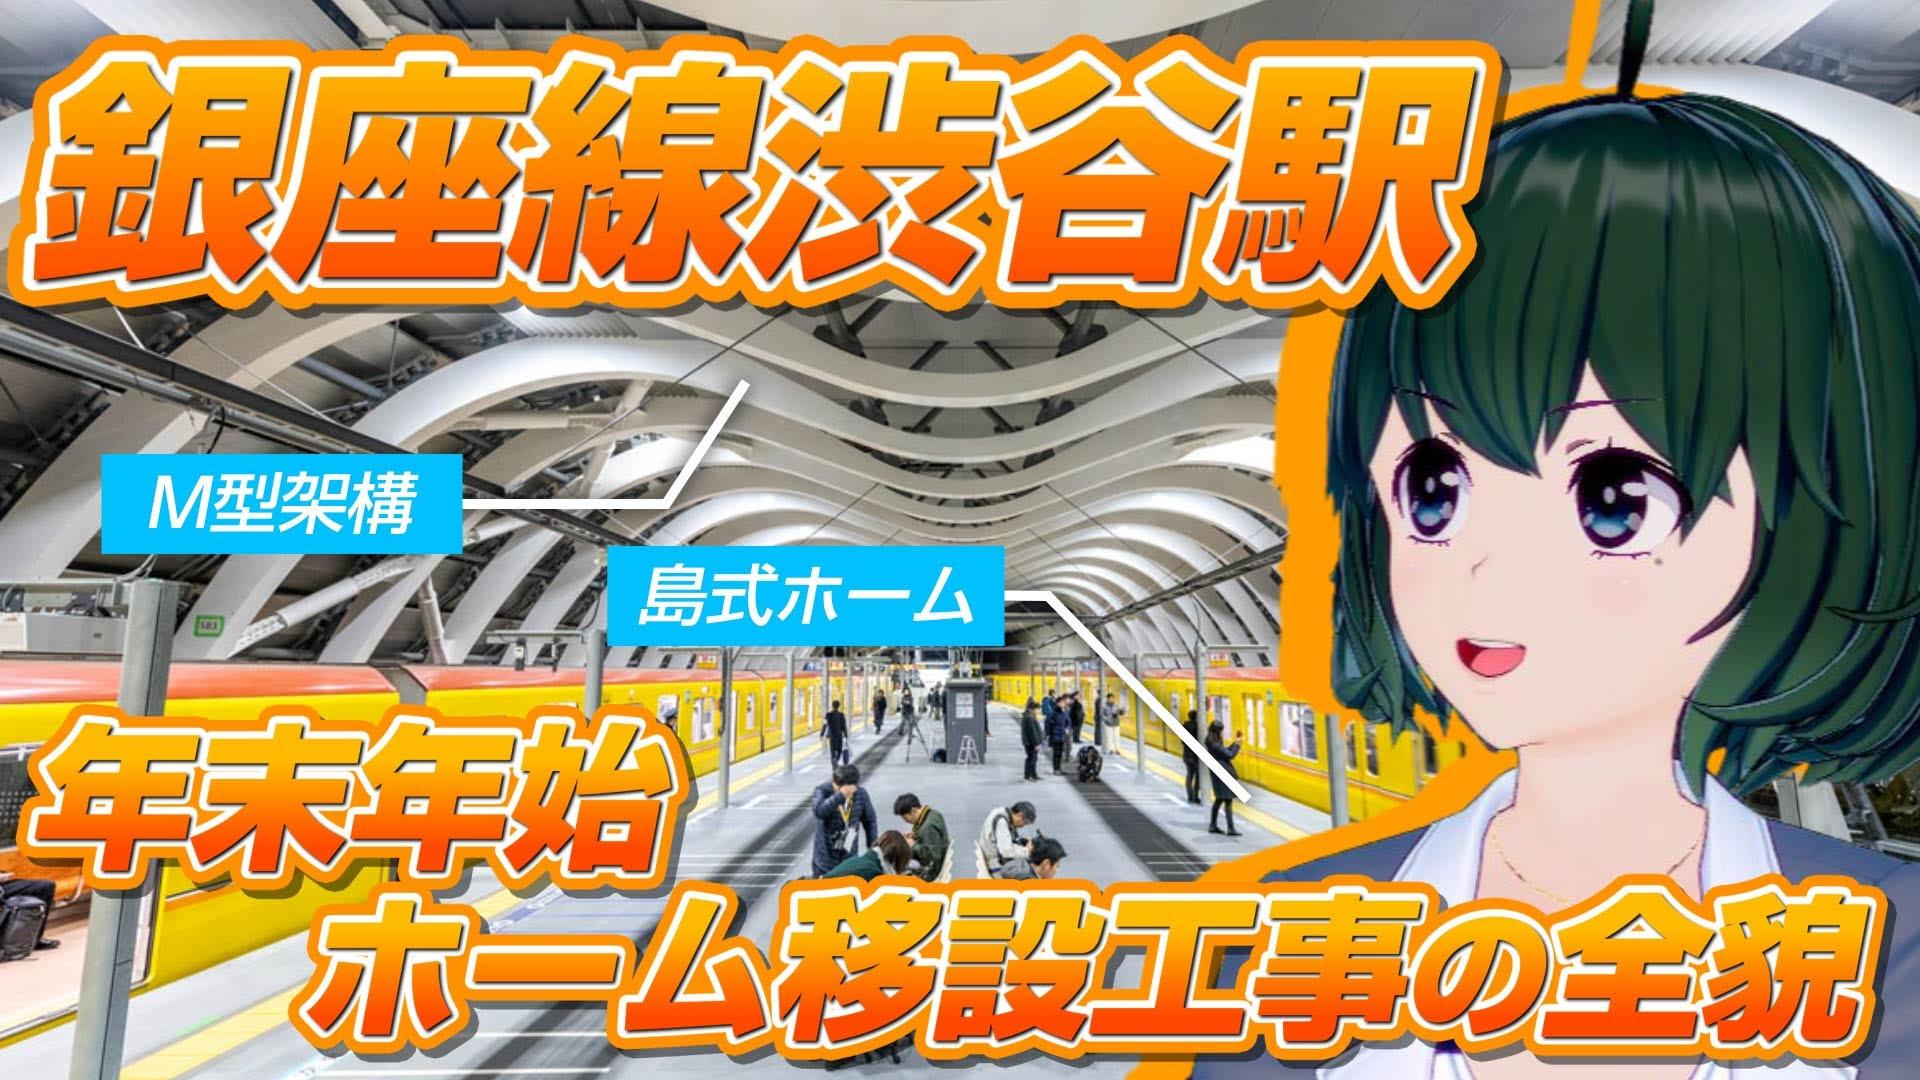 【黒須もあ】銀座線渋谷駅年末年始ホーム移設工事の全貌!!